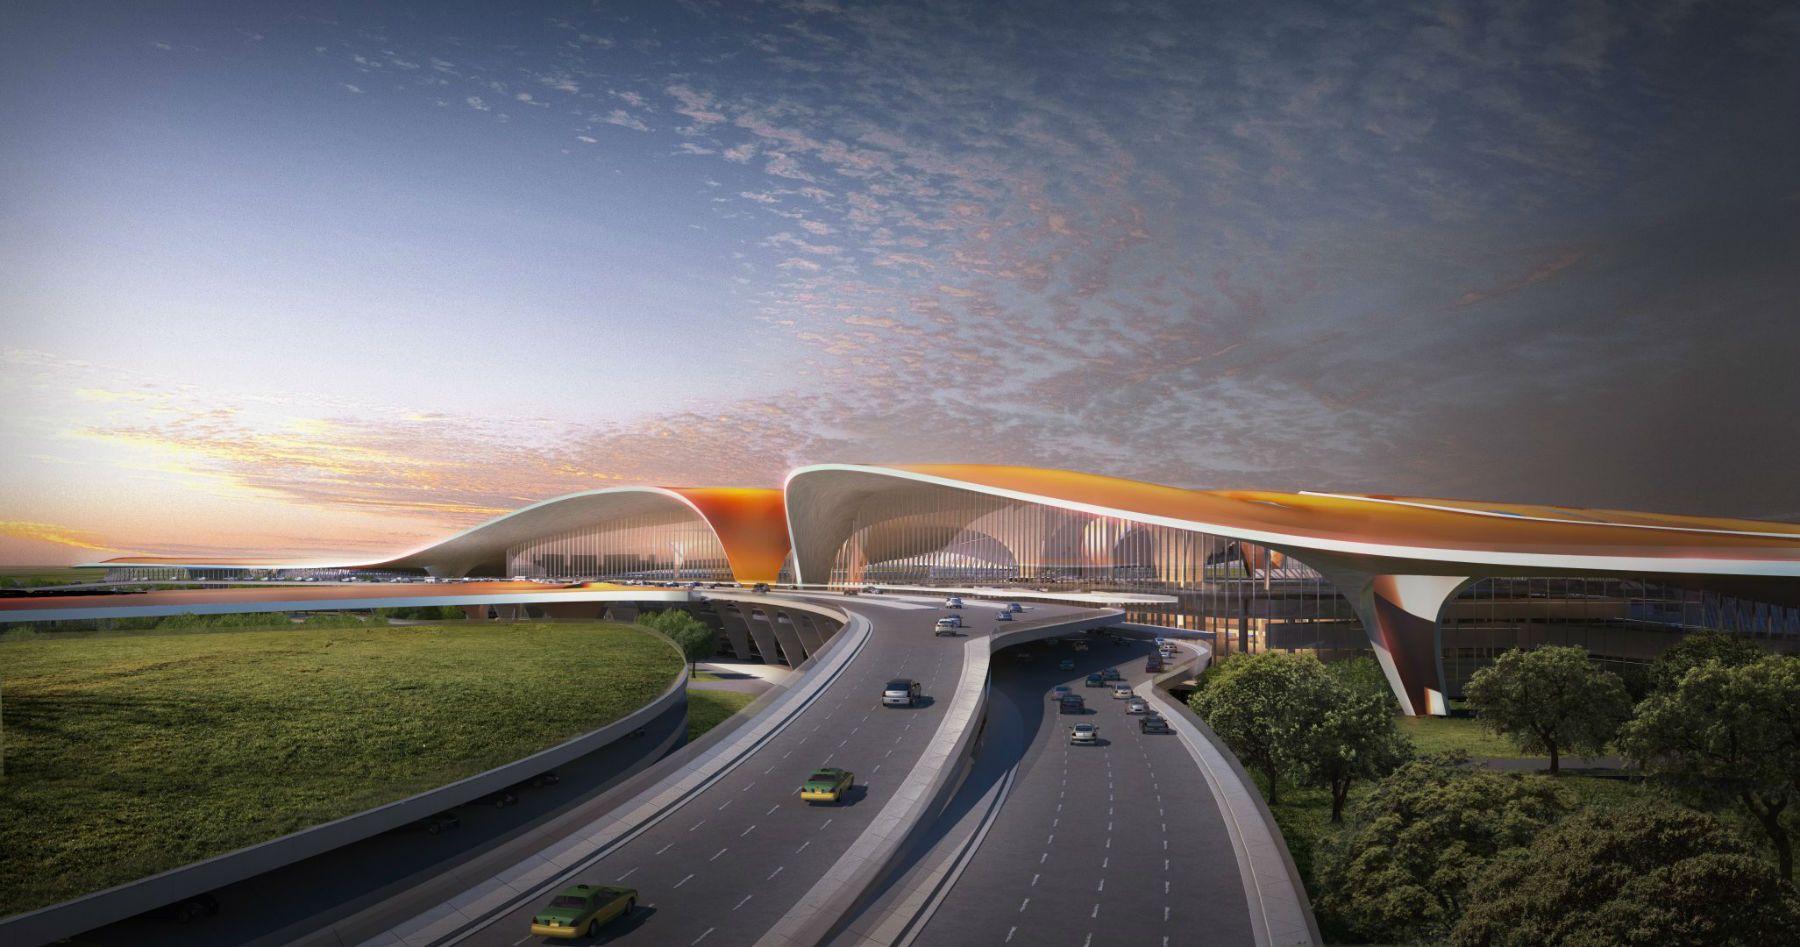 Beijing Daxing International Airport Expressway to open in June